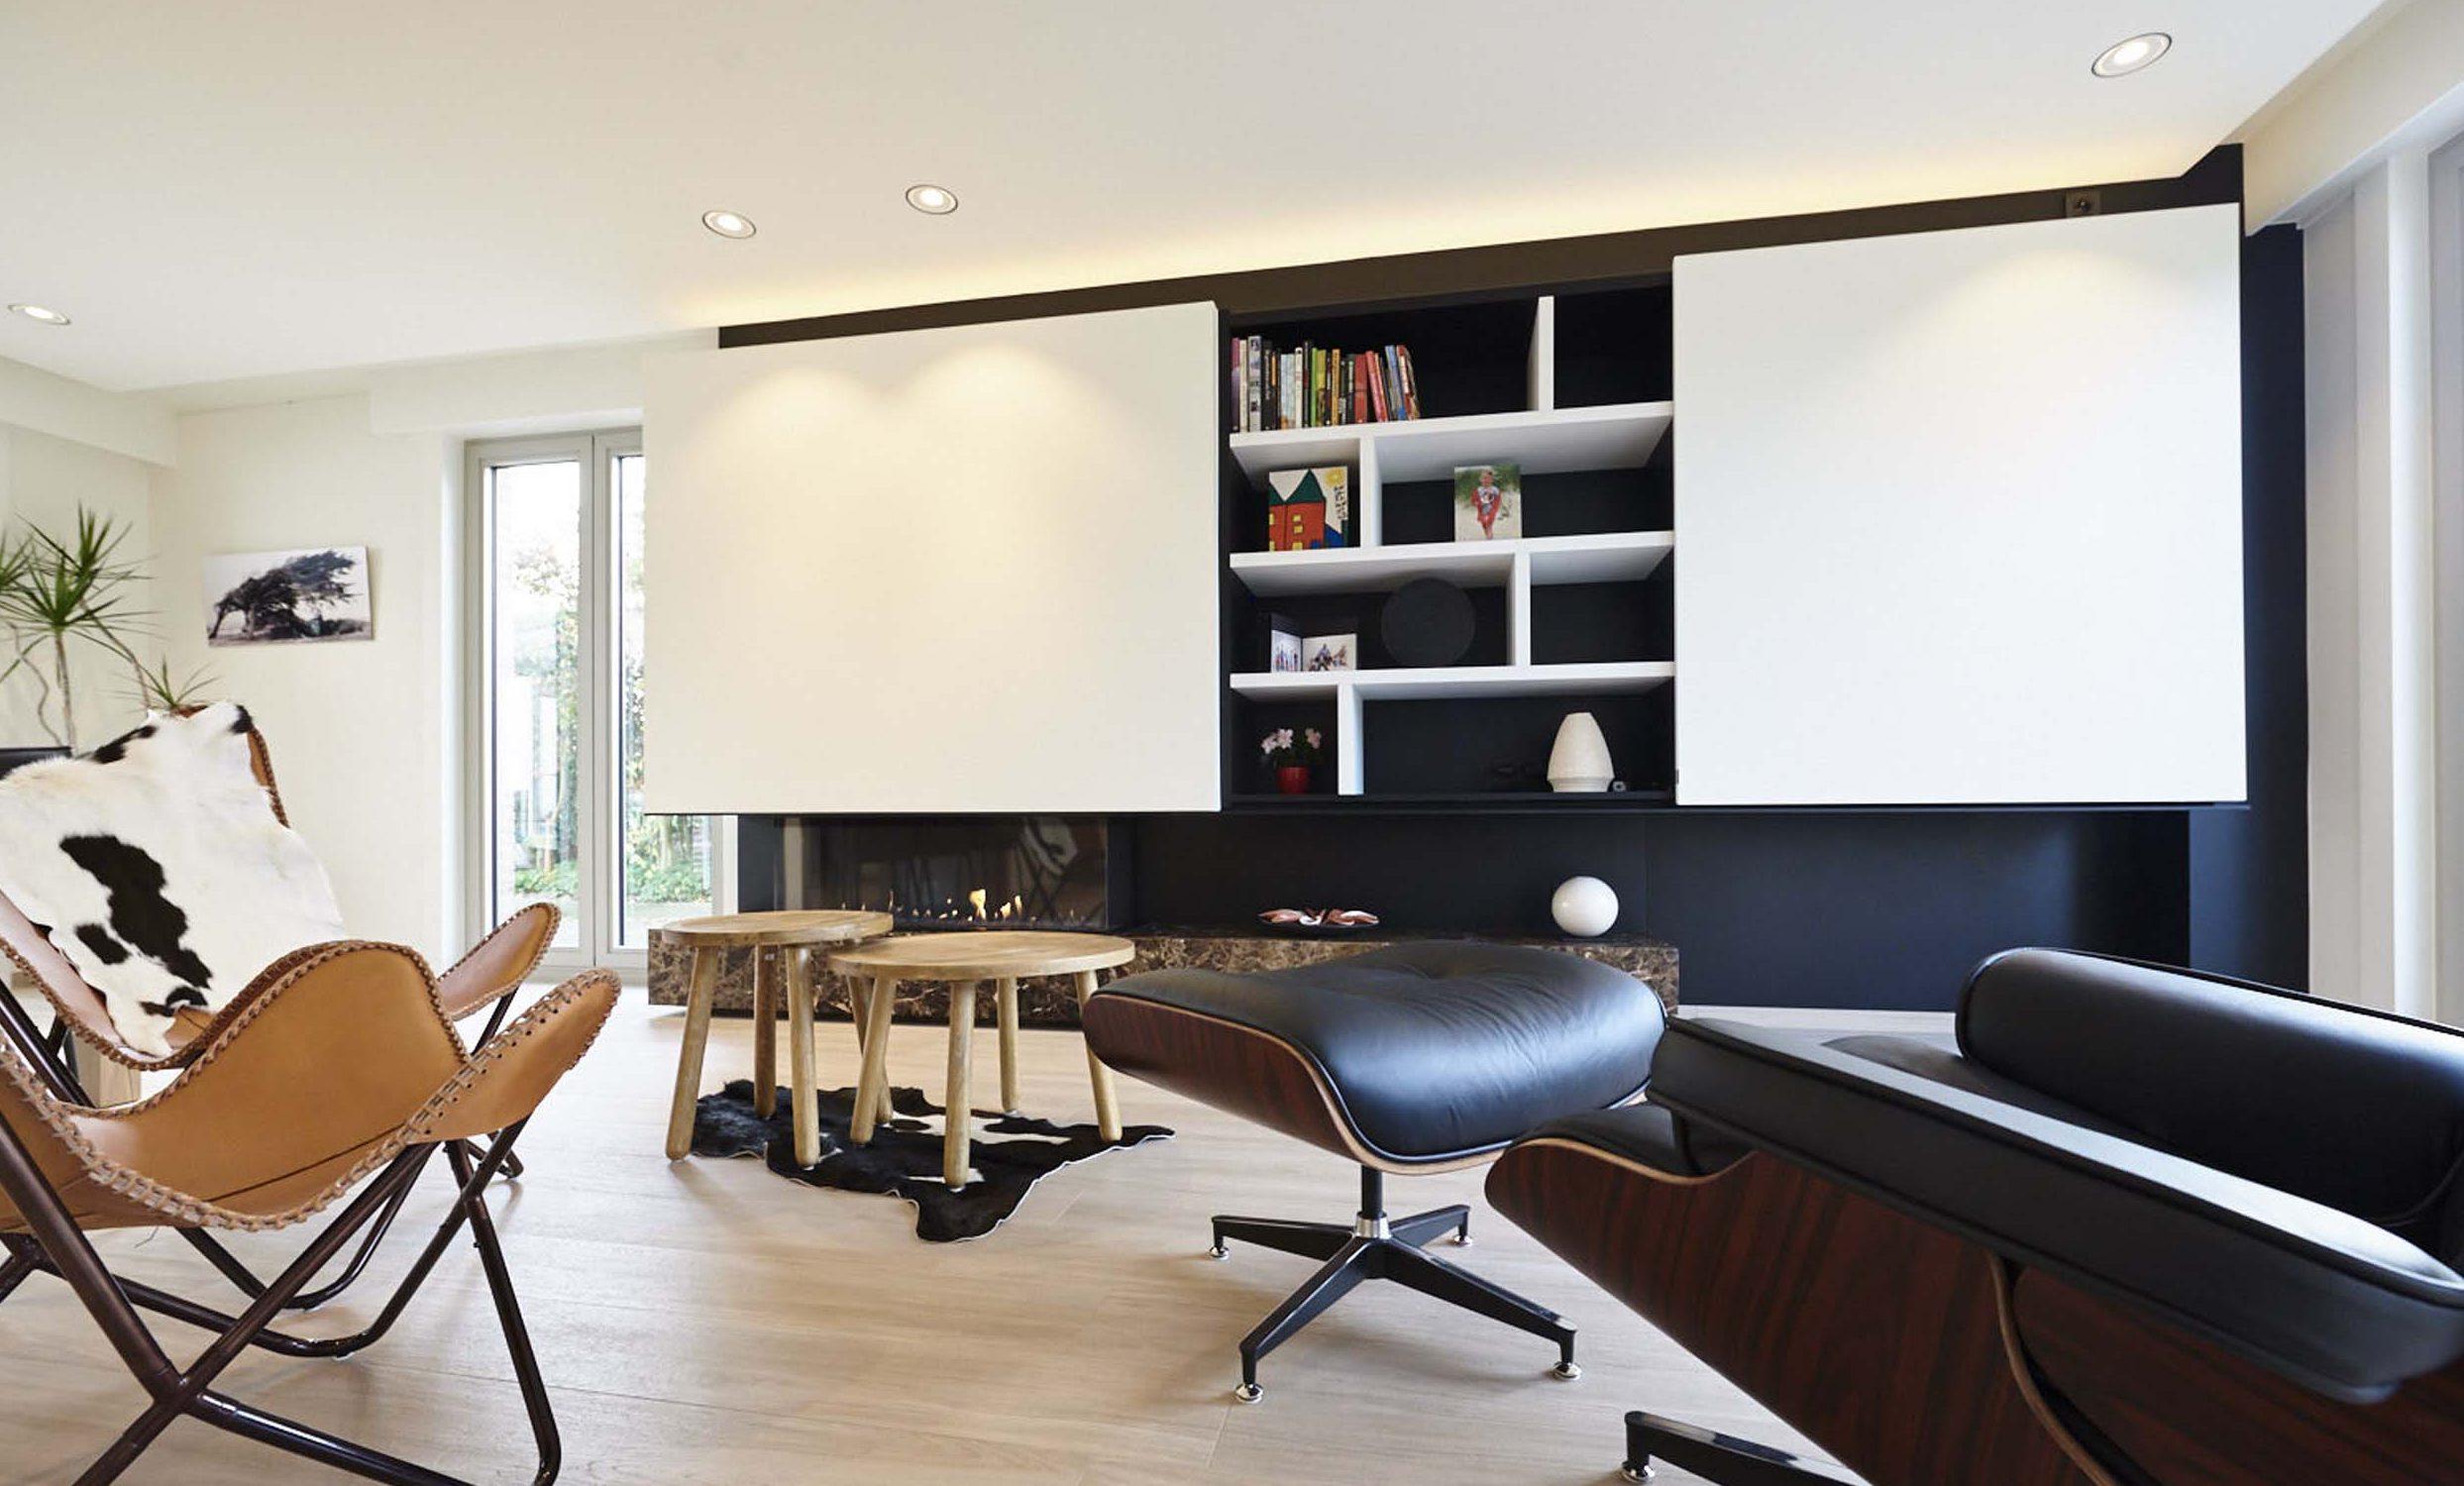 Vanda-projects-interieurinrichting-meubelmakerij-oost-vlaanderen-verstraete-tielt-kast-op-maat